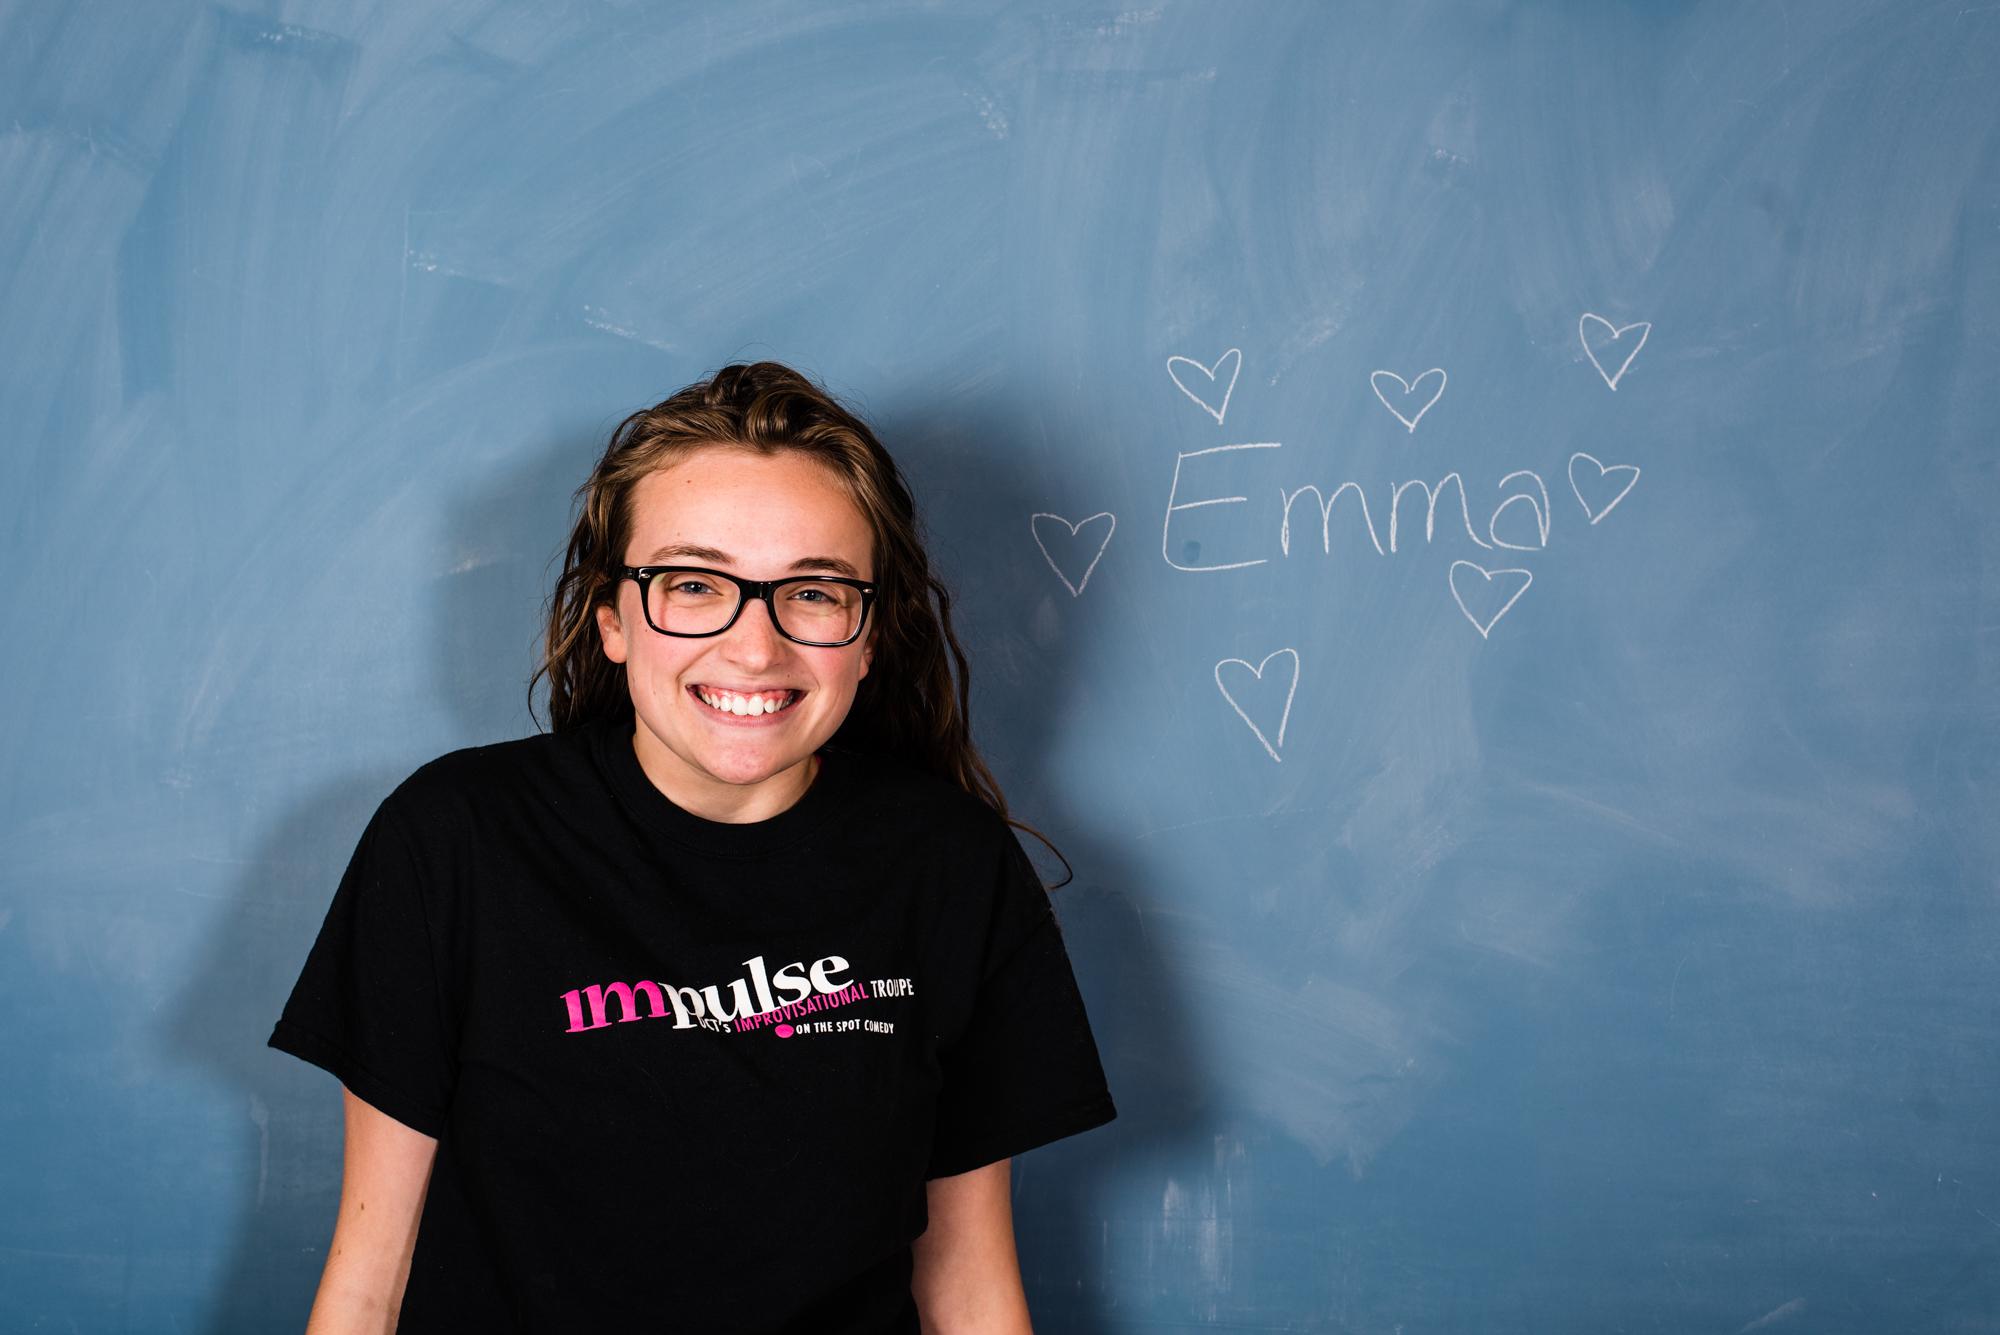 Emma Fulmer ; Impulse  2019. Photo by Briana Cerezo.